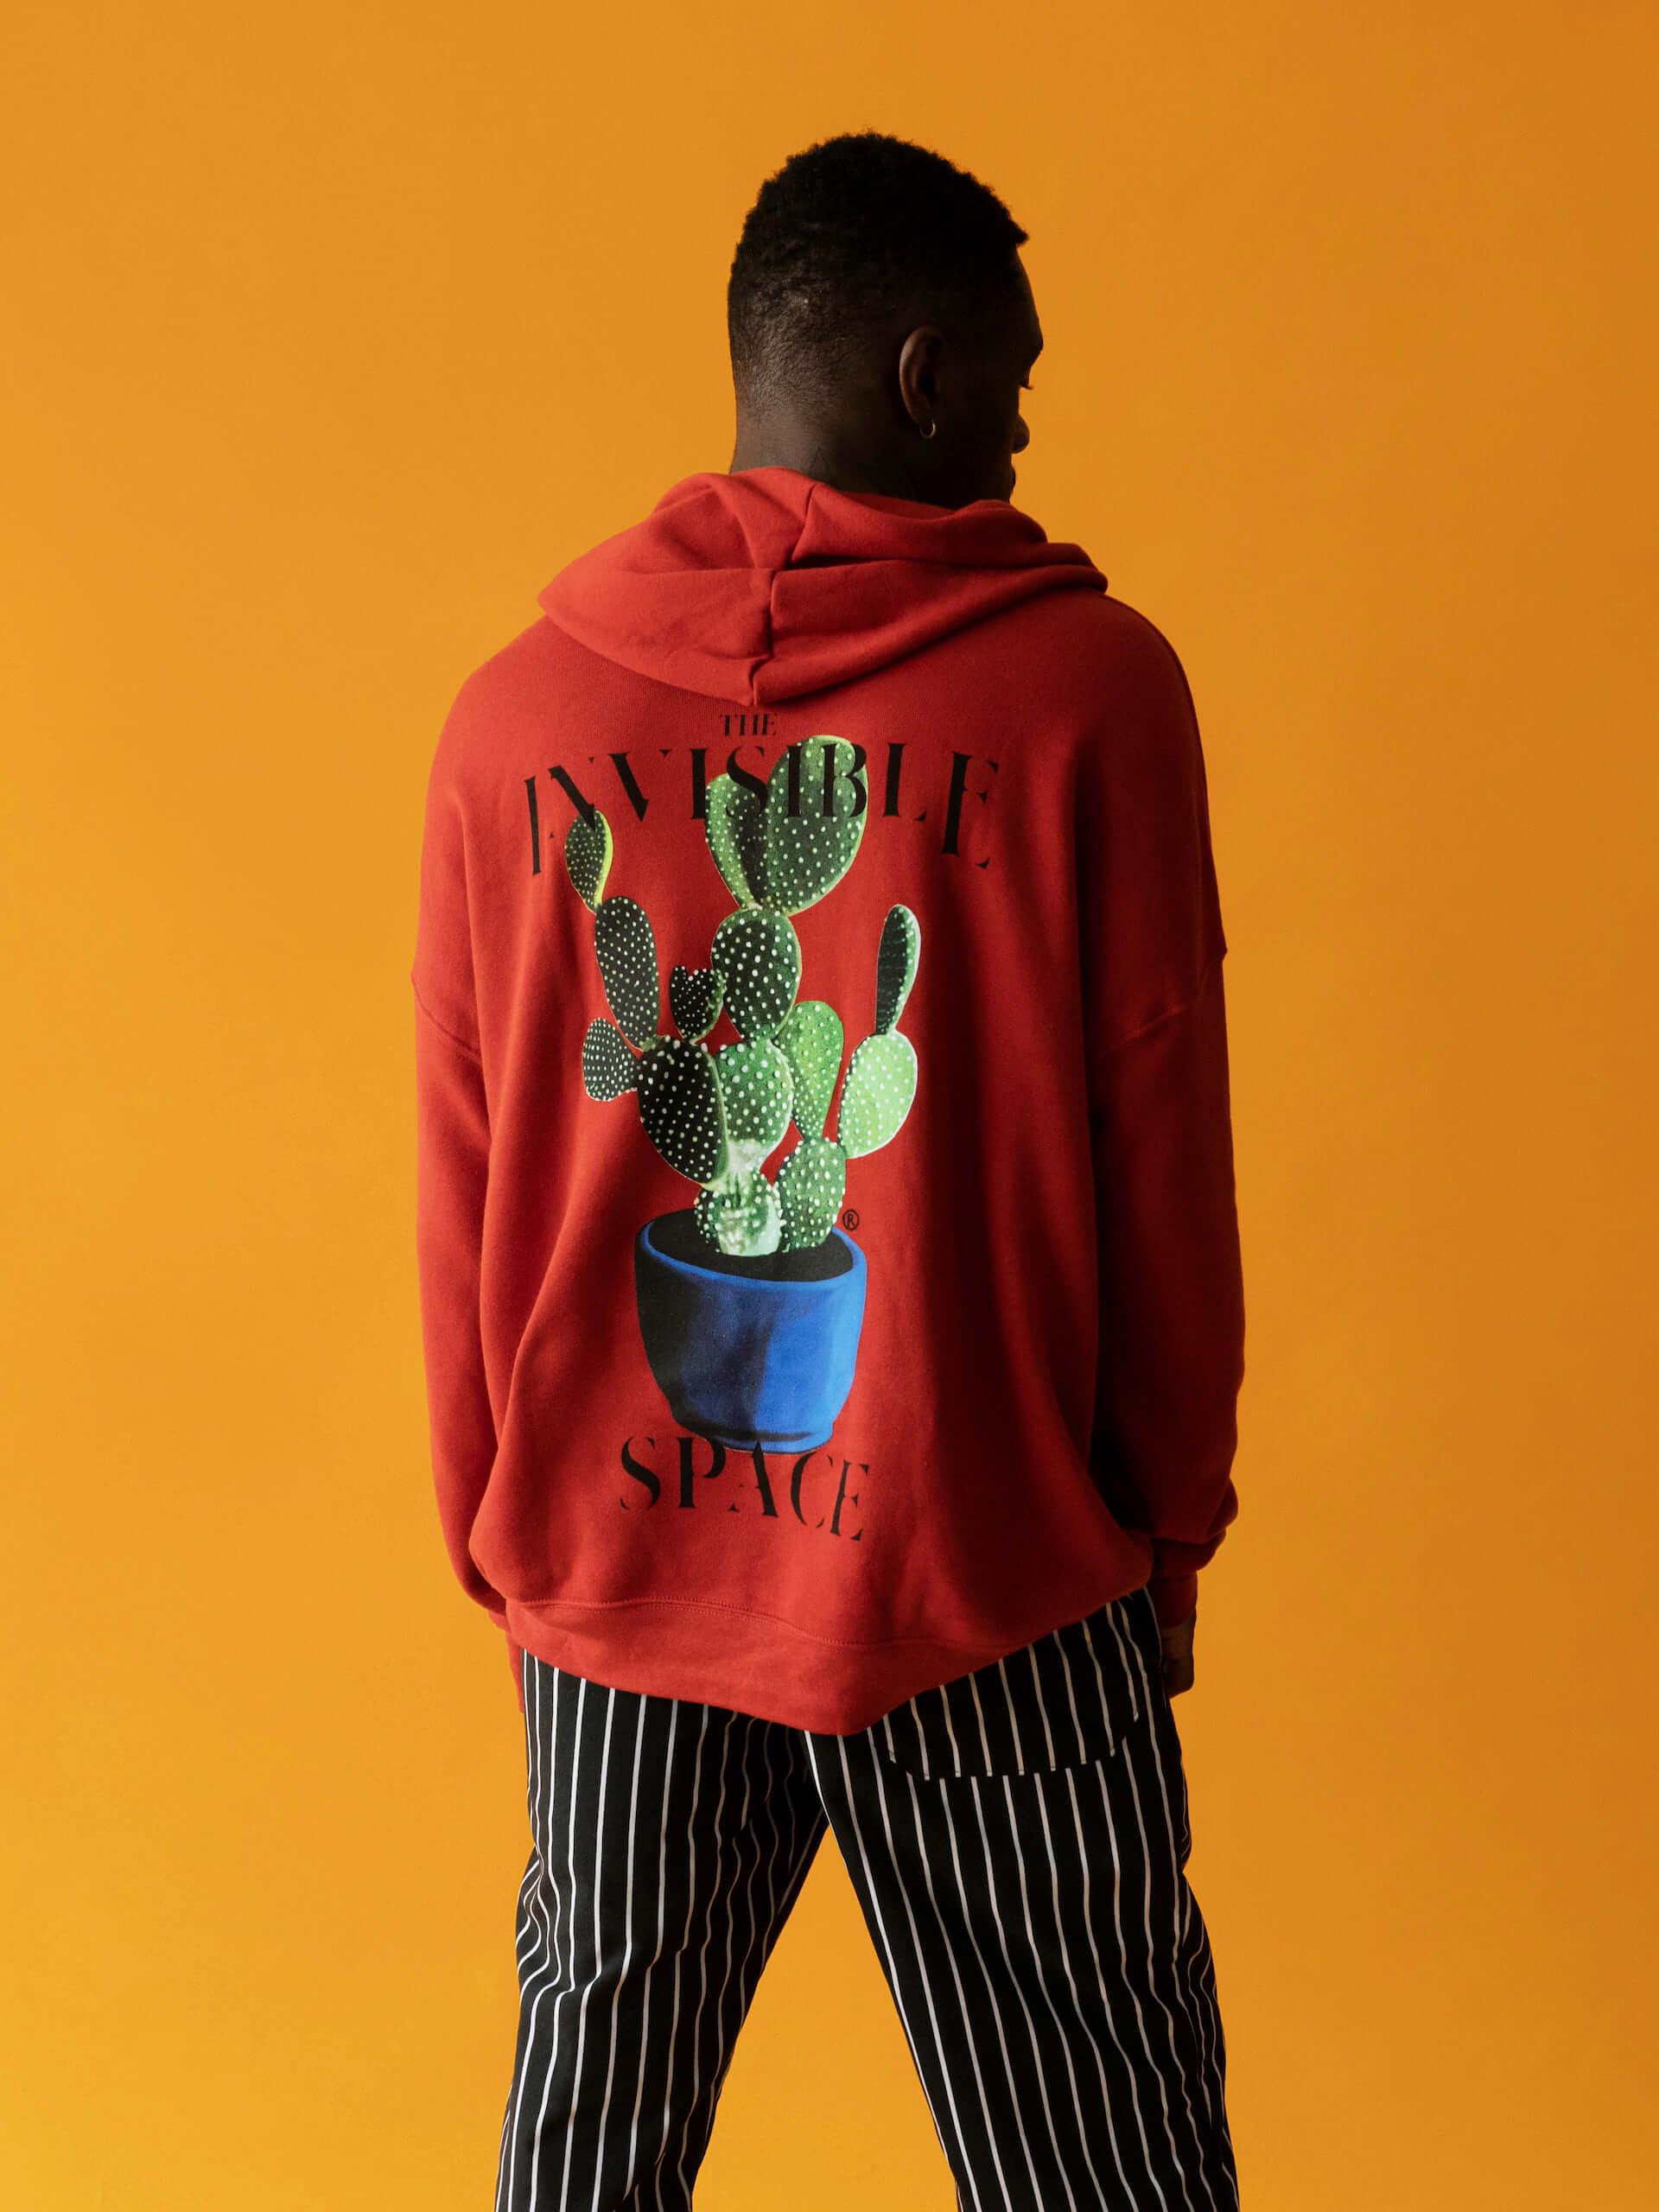 Chance The Rapperのアルバムジャケットなどを手掛けるアートディレクターBrandon Breauxがクリエイティブの祭典<rooms>に出展 music200213_rooms40_5-1920x2560